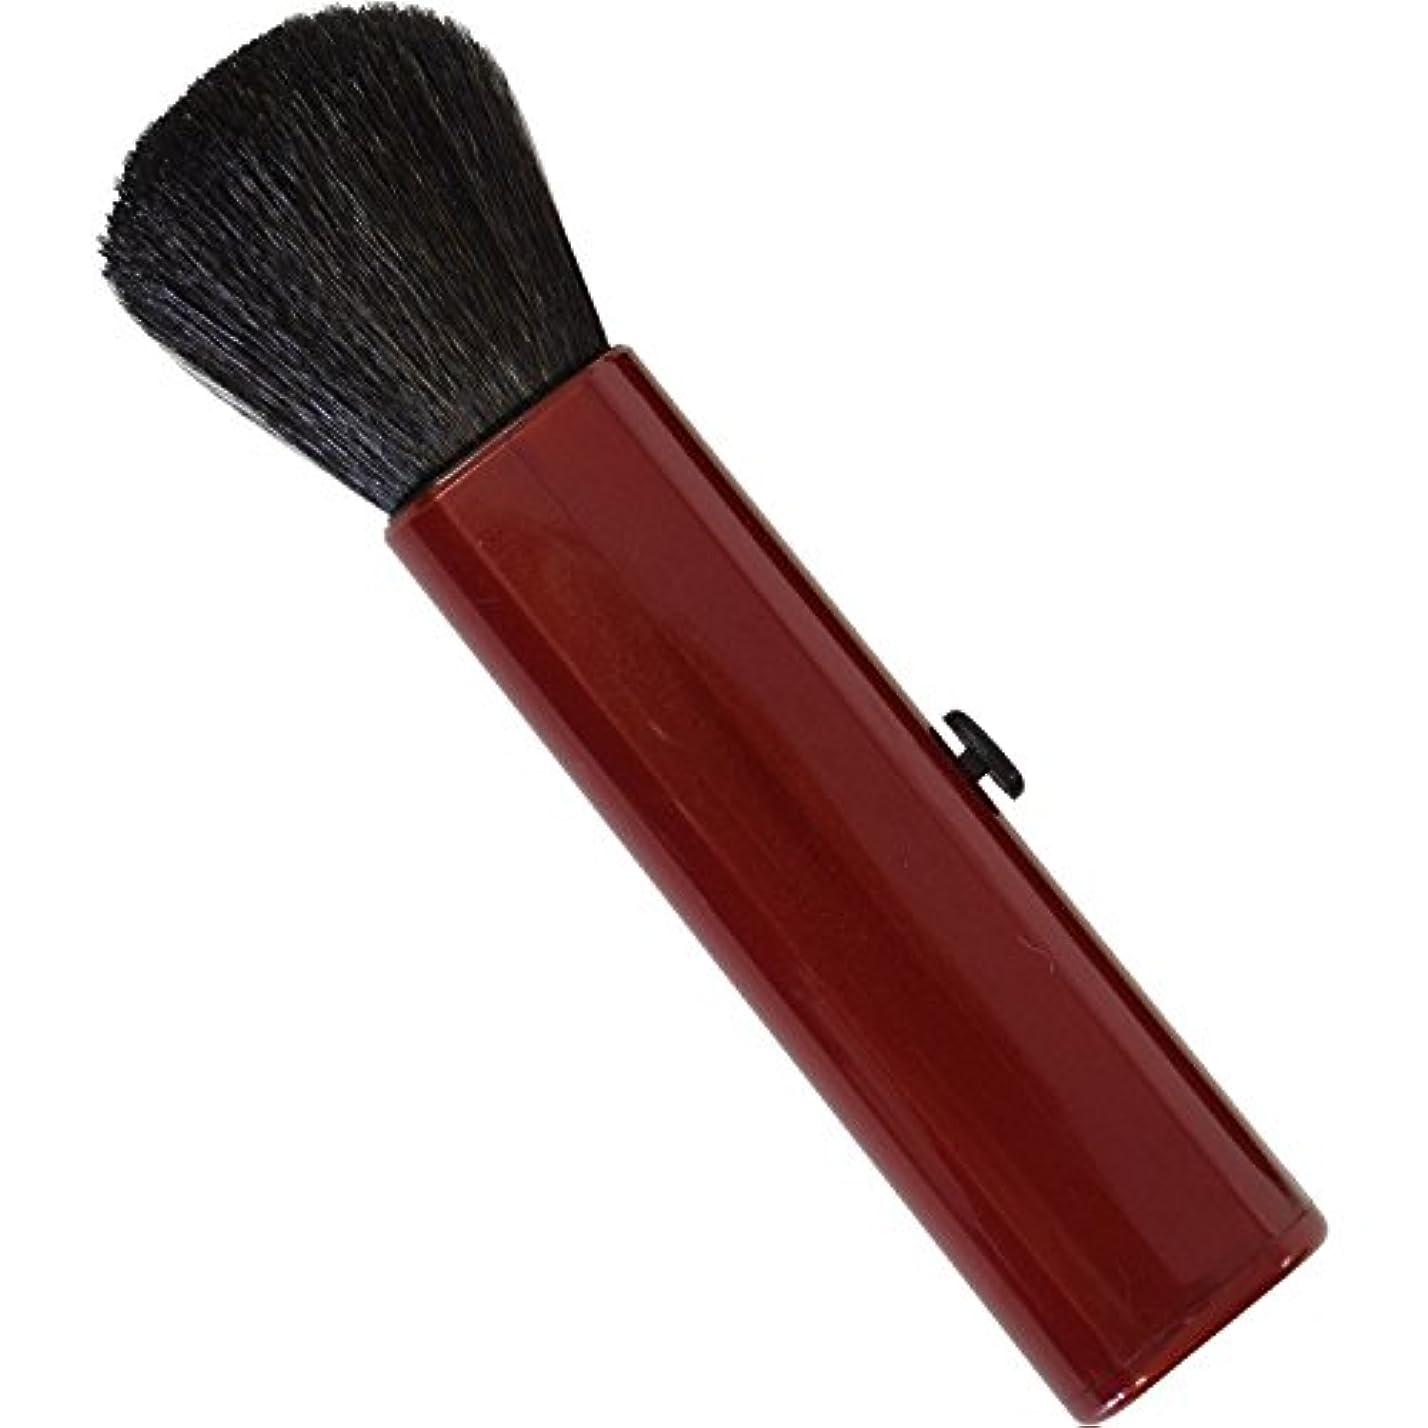 類人猿武装解除メカニックSC-704RD 六角館さくら堂 スライドチークブラシ 赤 山羊毛100% シンプルなデザイン 便利なケース付き